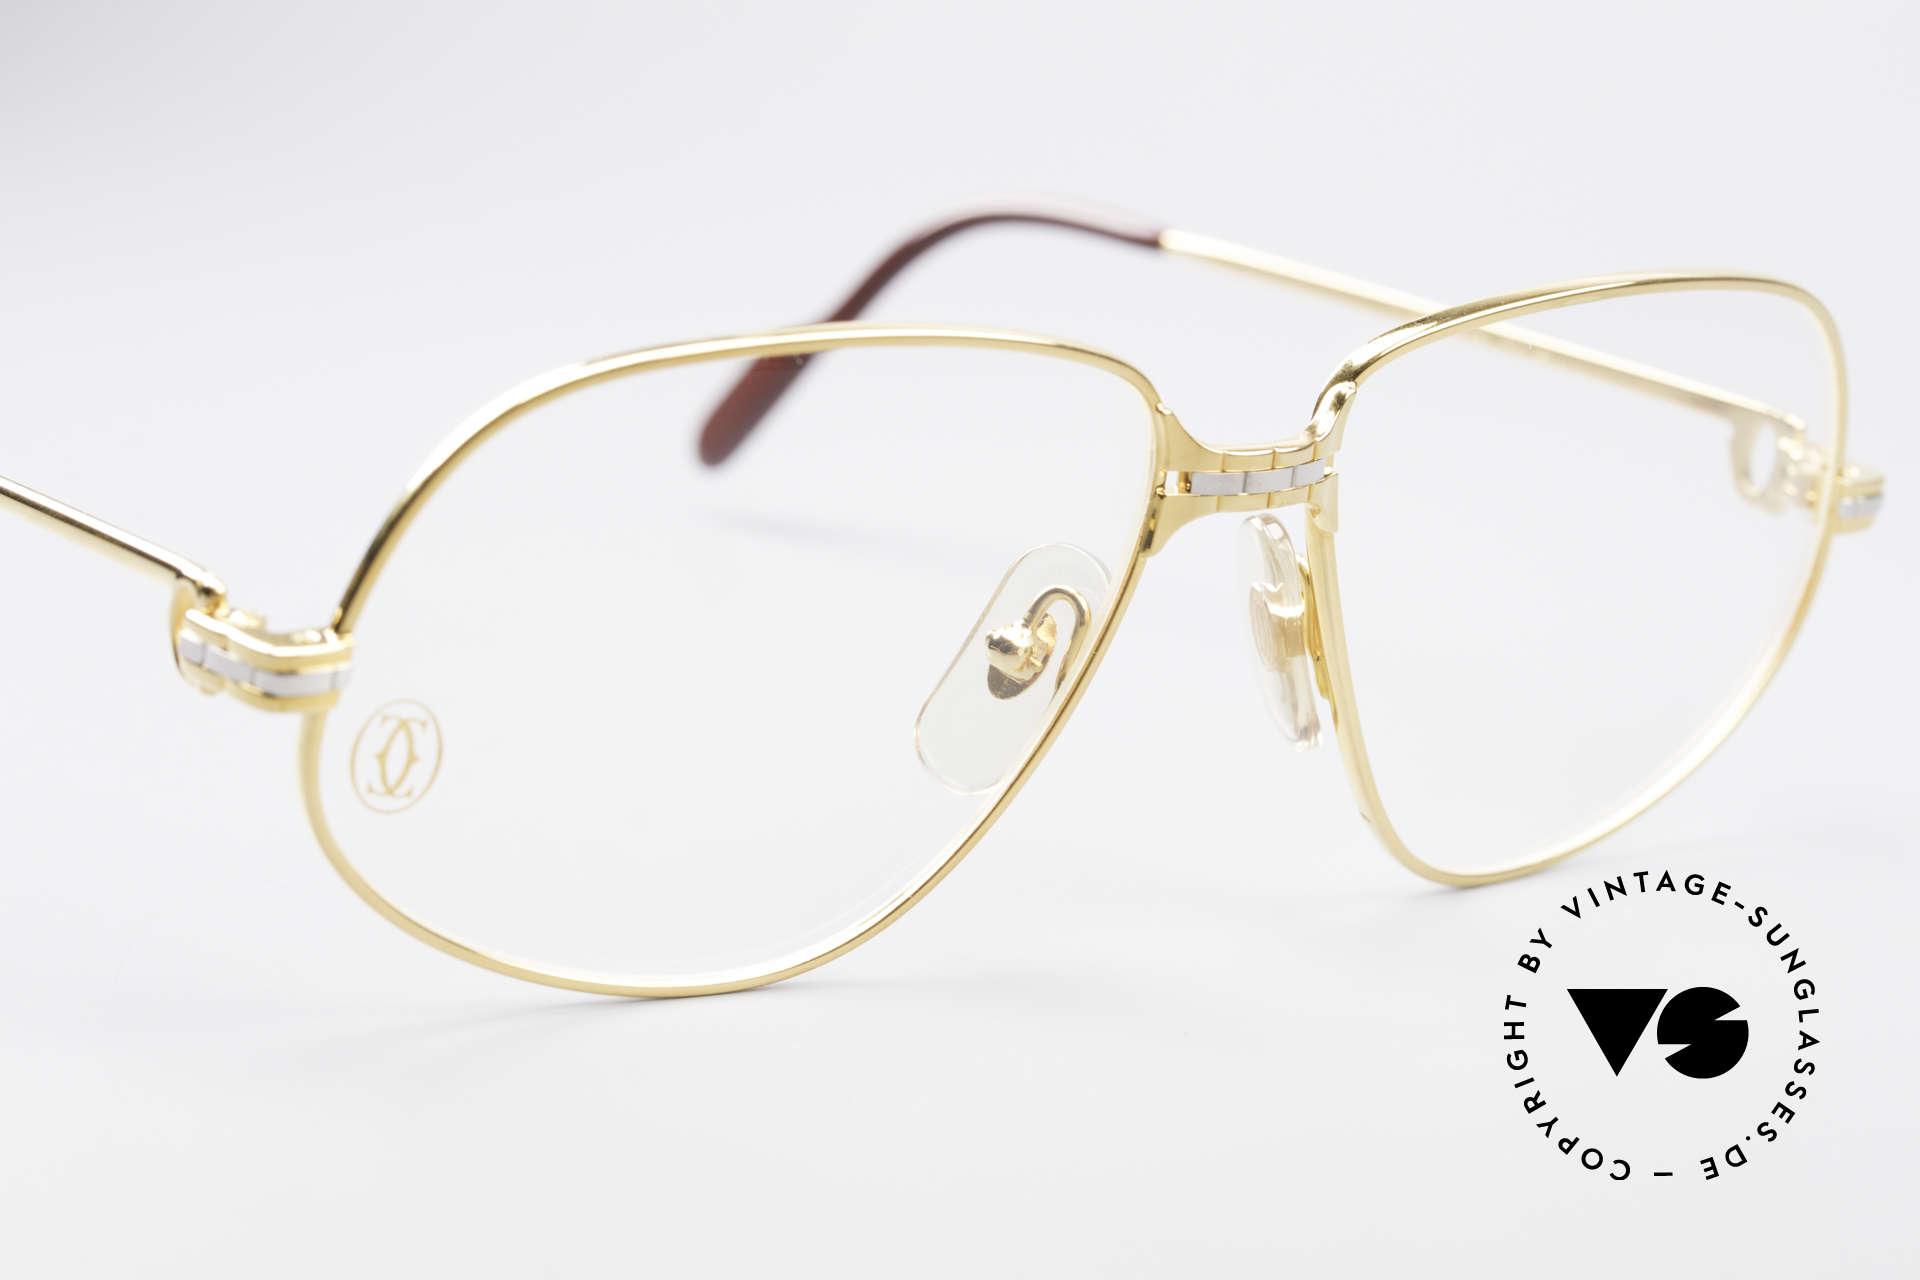 Cartier Panthere G.M. - M Luxus Vintage Brille 1980er, 22kt vergoldete Fassung (wie alle alten CARTIER Brillen), Passend für Herren